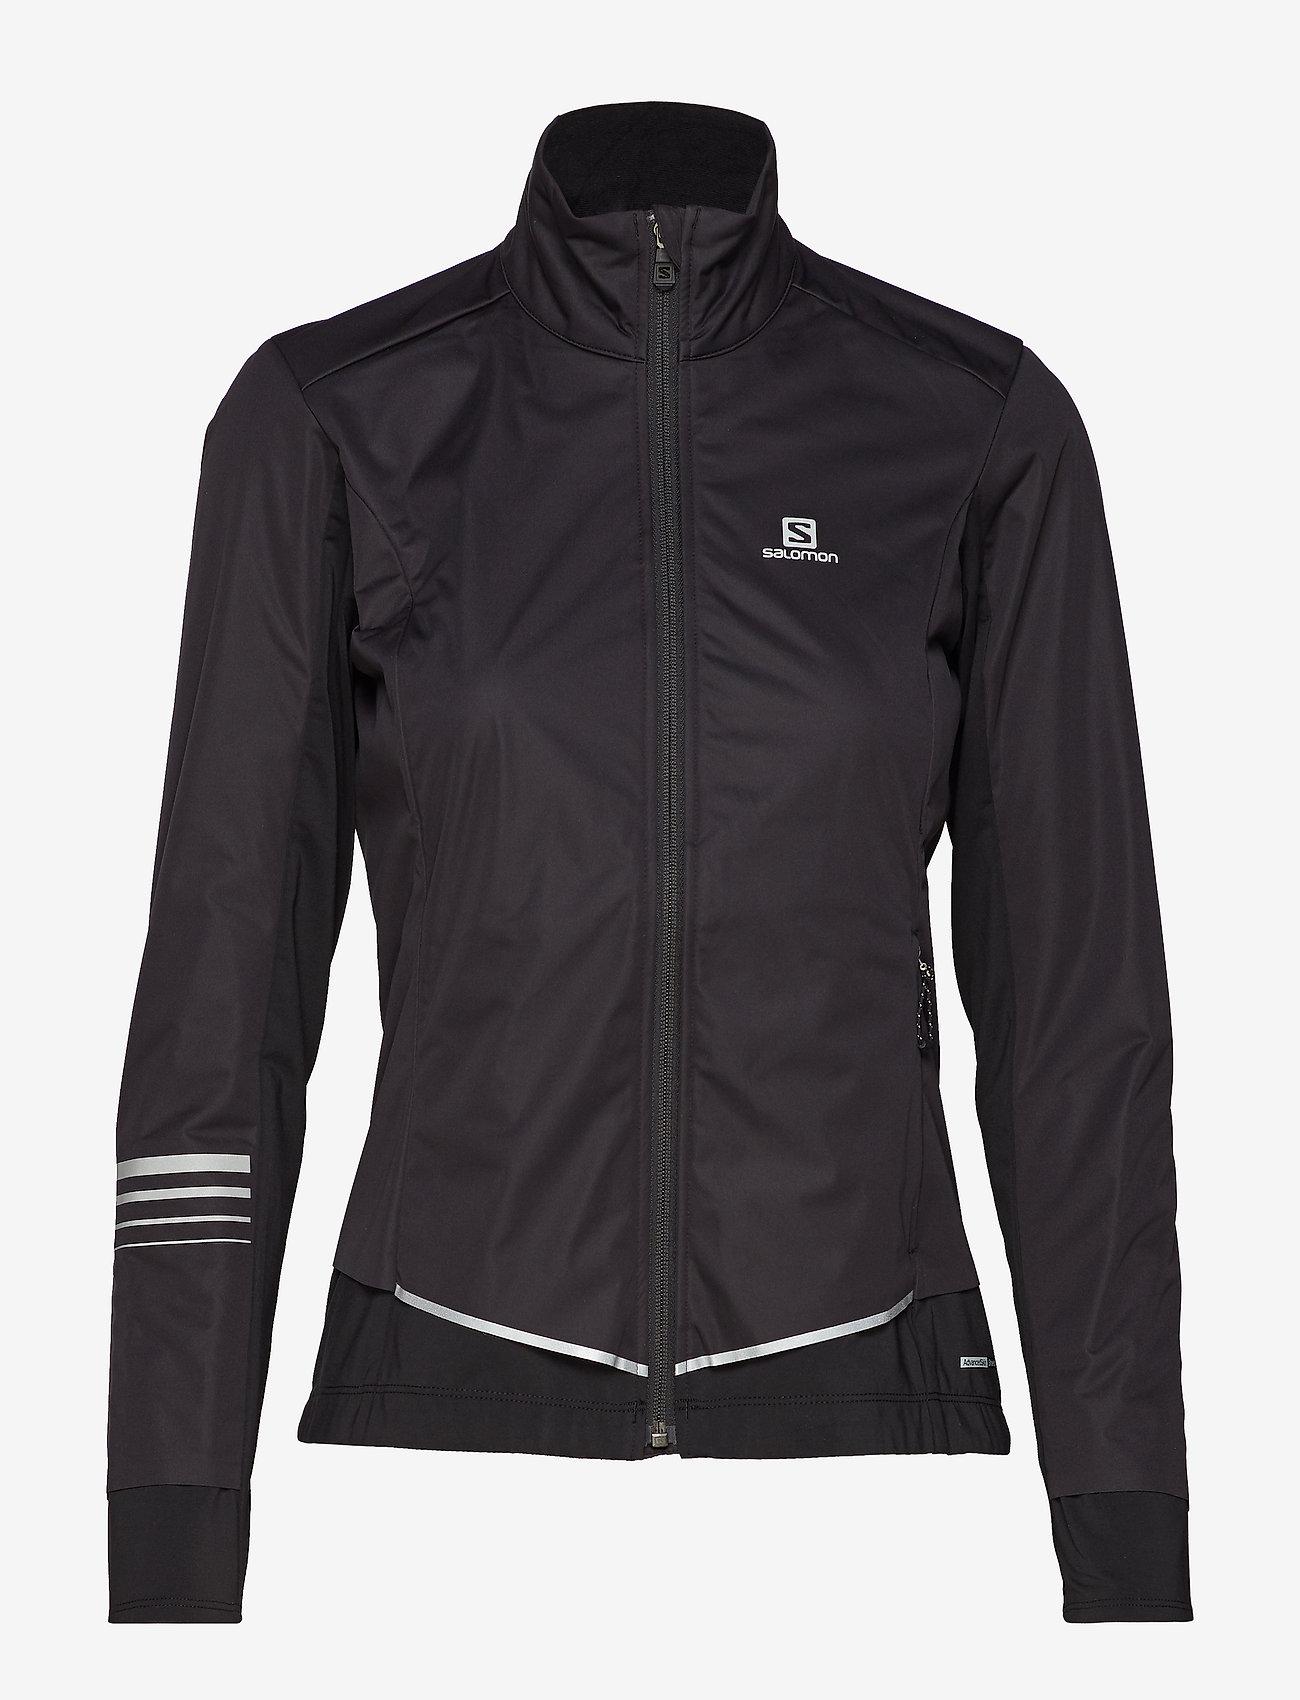 Salomon Lightning Lightshell Jkt W - Jackets & Coats